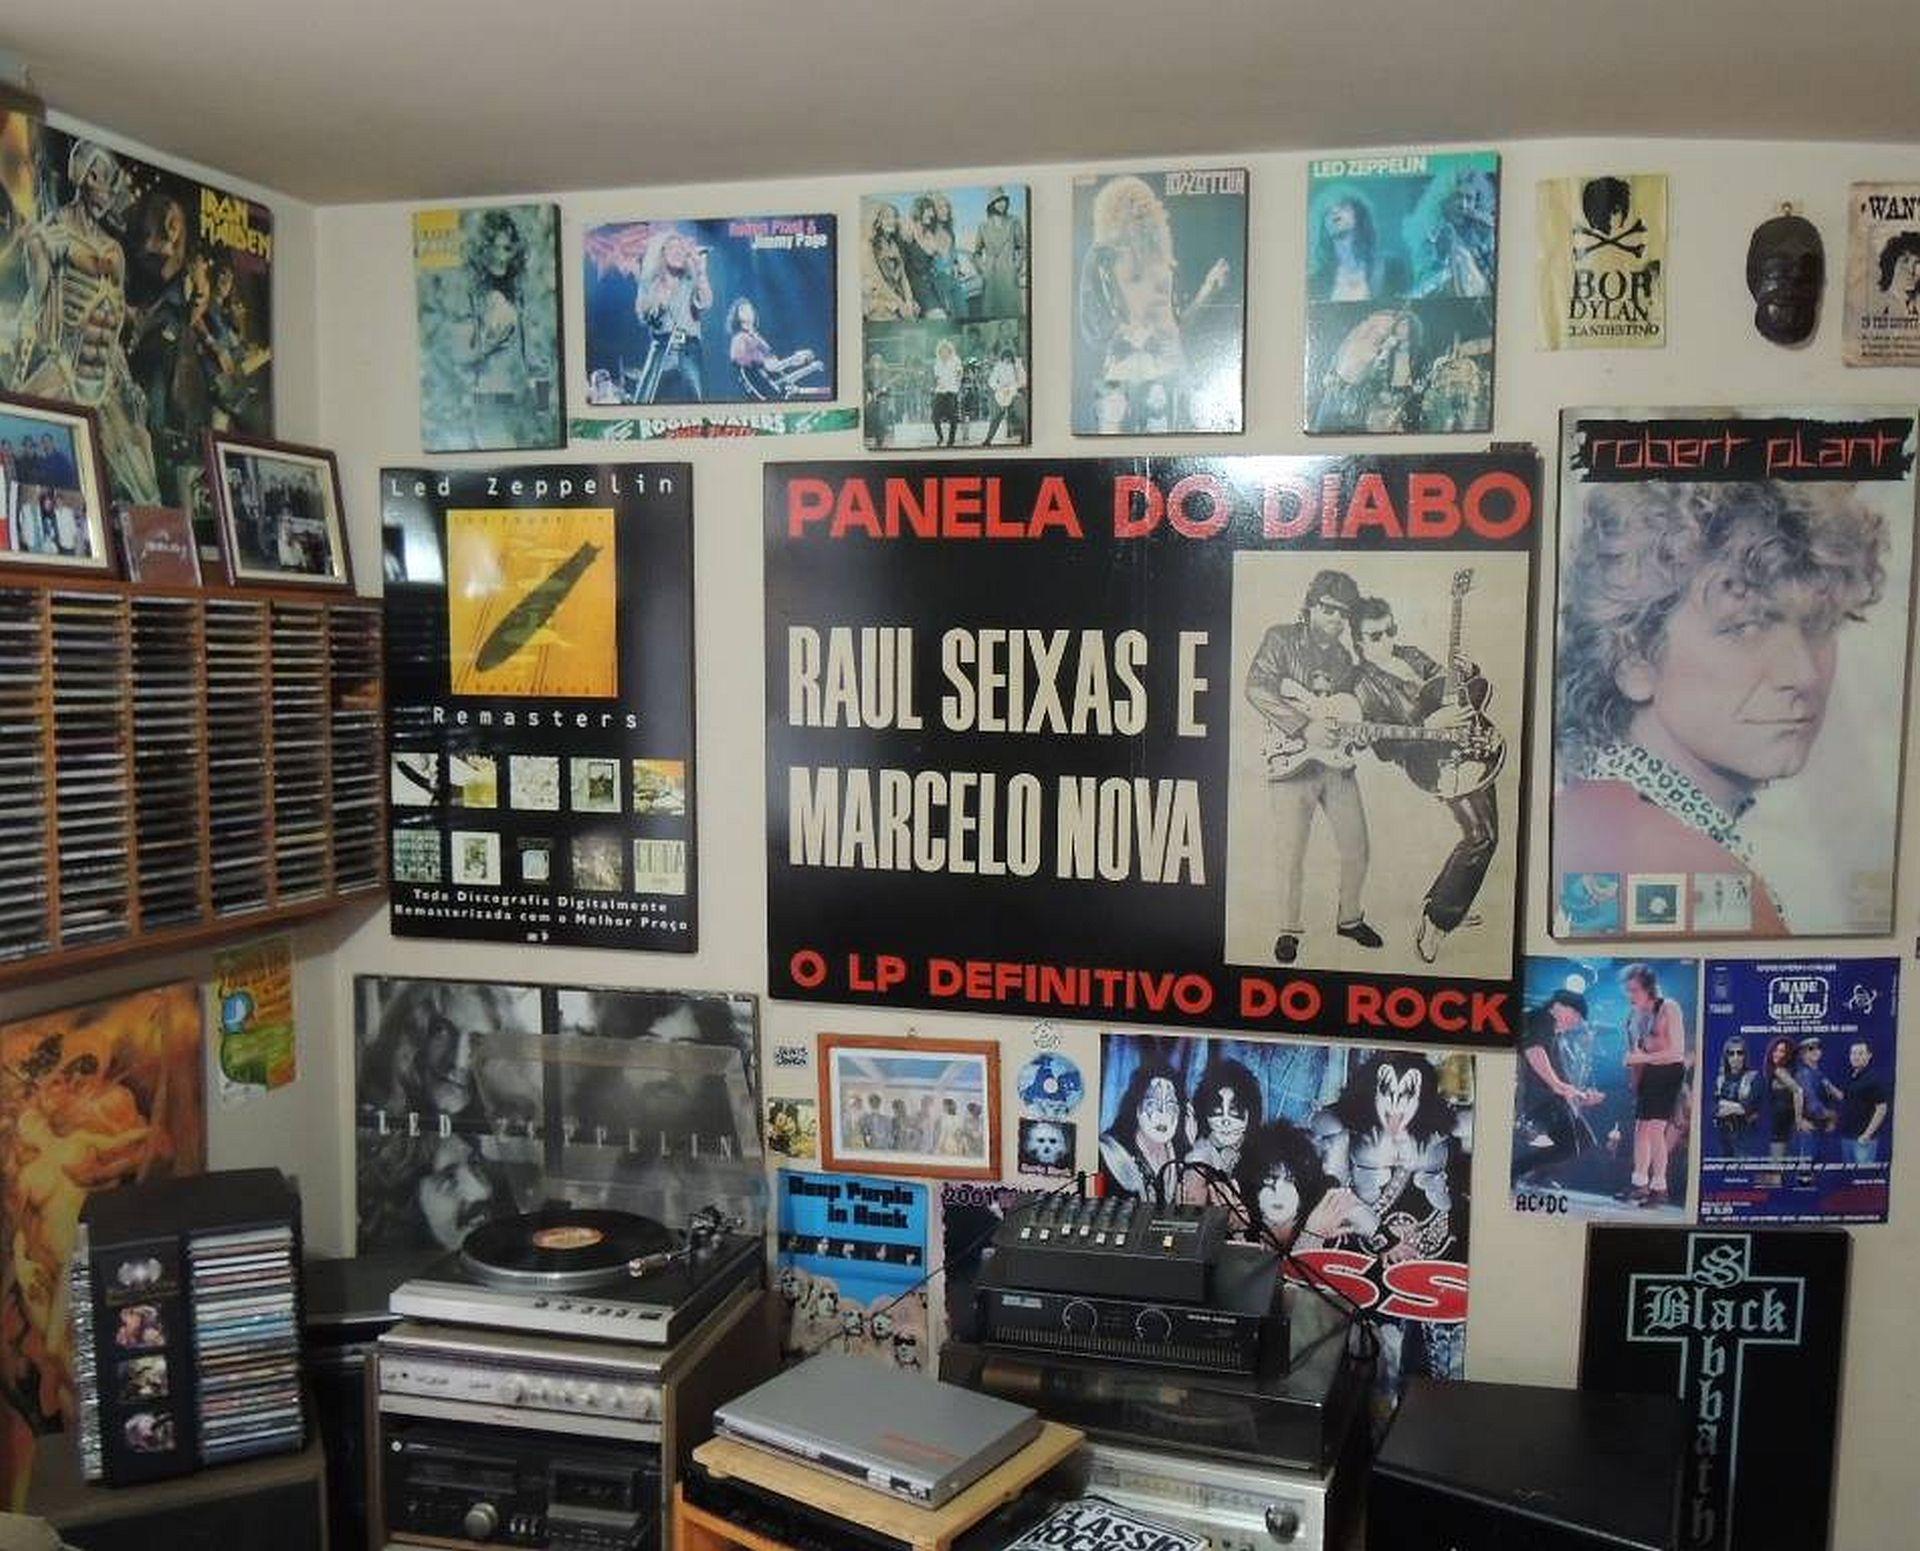 Mais de 10 mil itens estão expostos na casa de Mário Bianchini, que se tranformou no Museu do Rock, na Lapa. Foto: Arquivo pessoal.